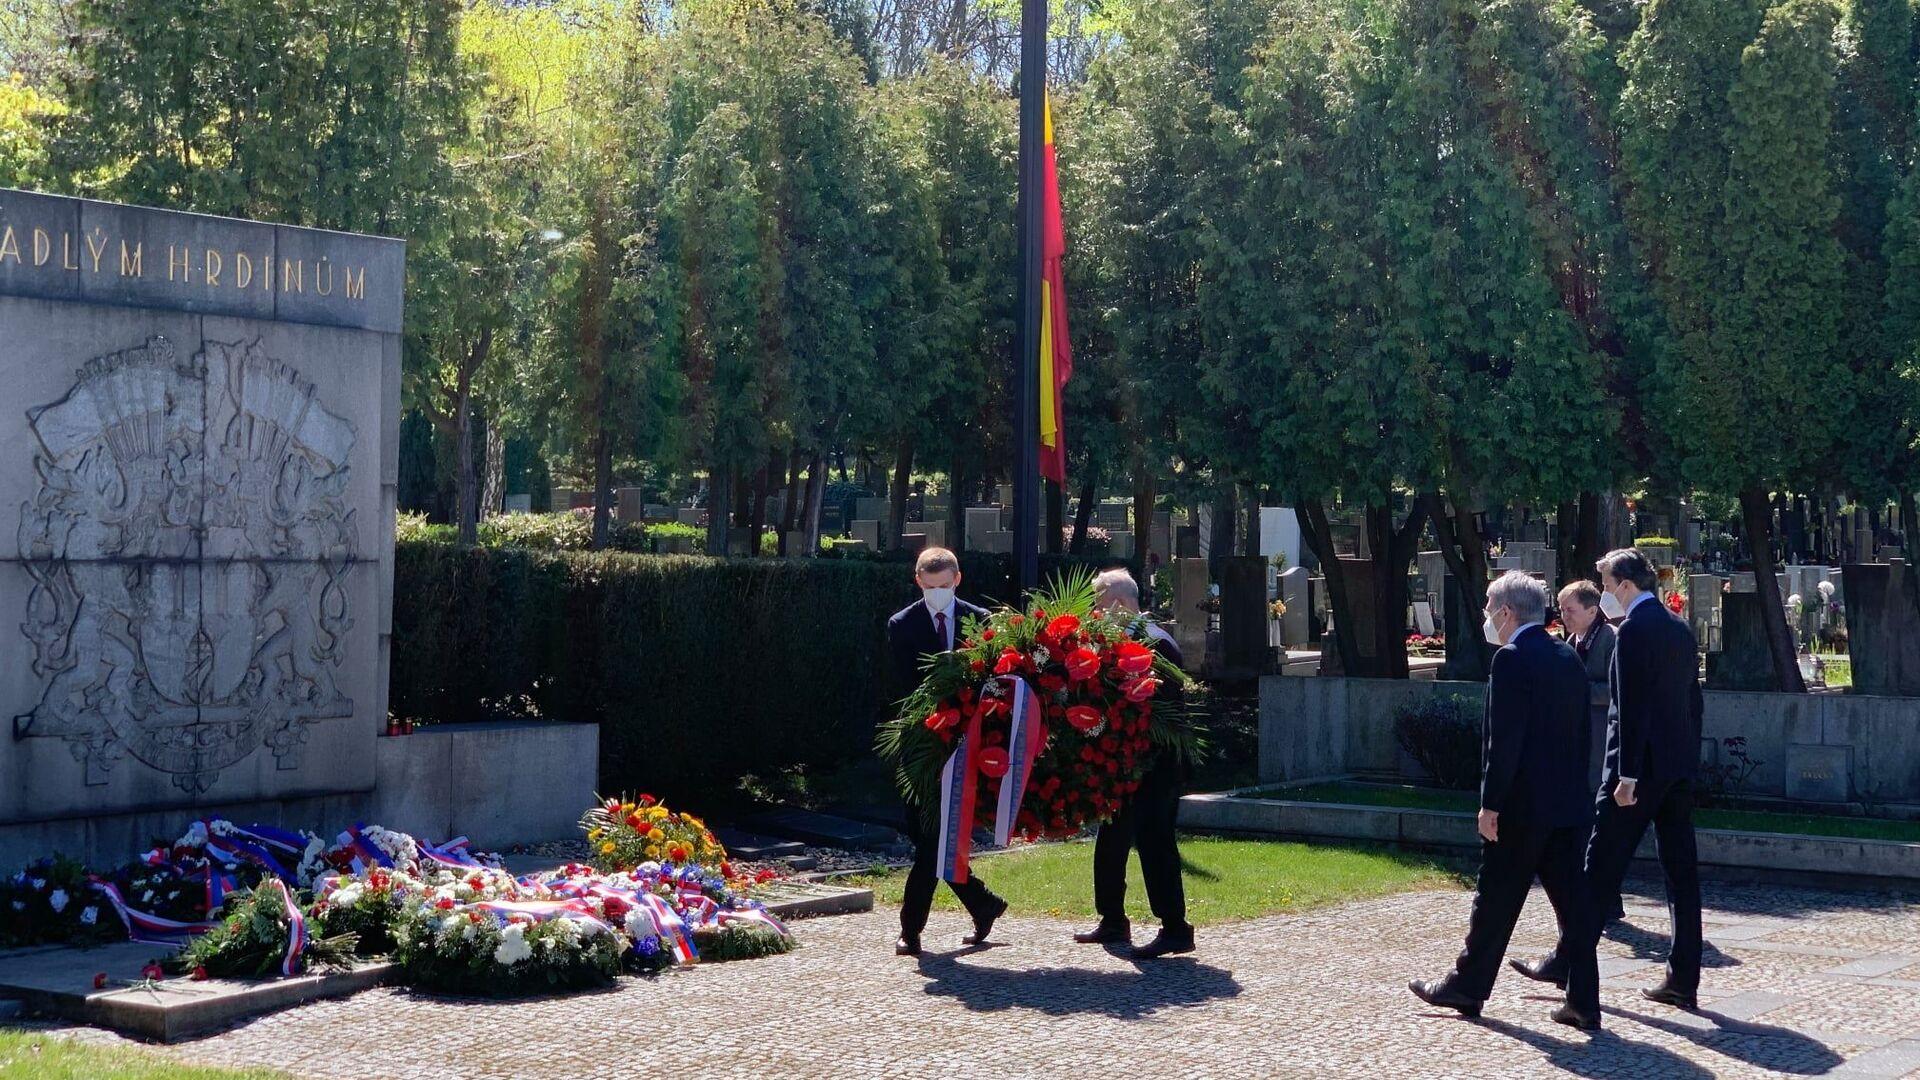 Kladení věnců na Olšanském hřbitově v Praze dne 9. května 2021 - Sputnik Česká republika, 1920, 09.05.2021